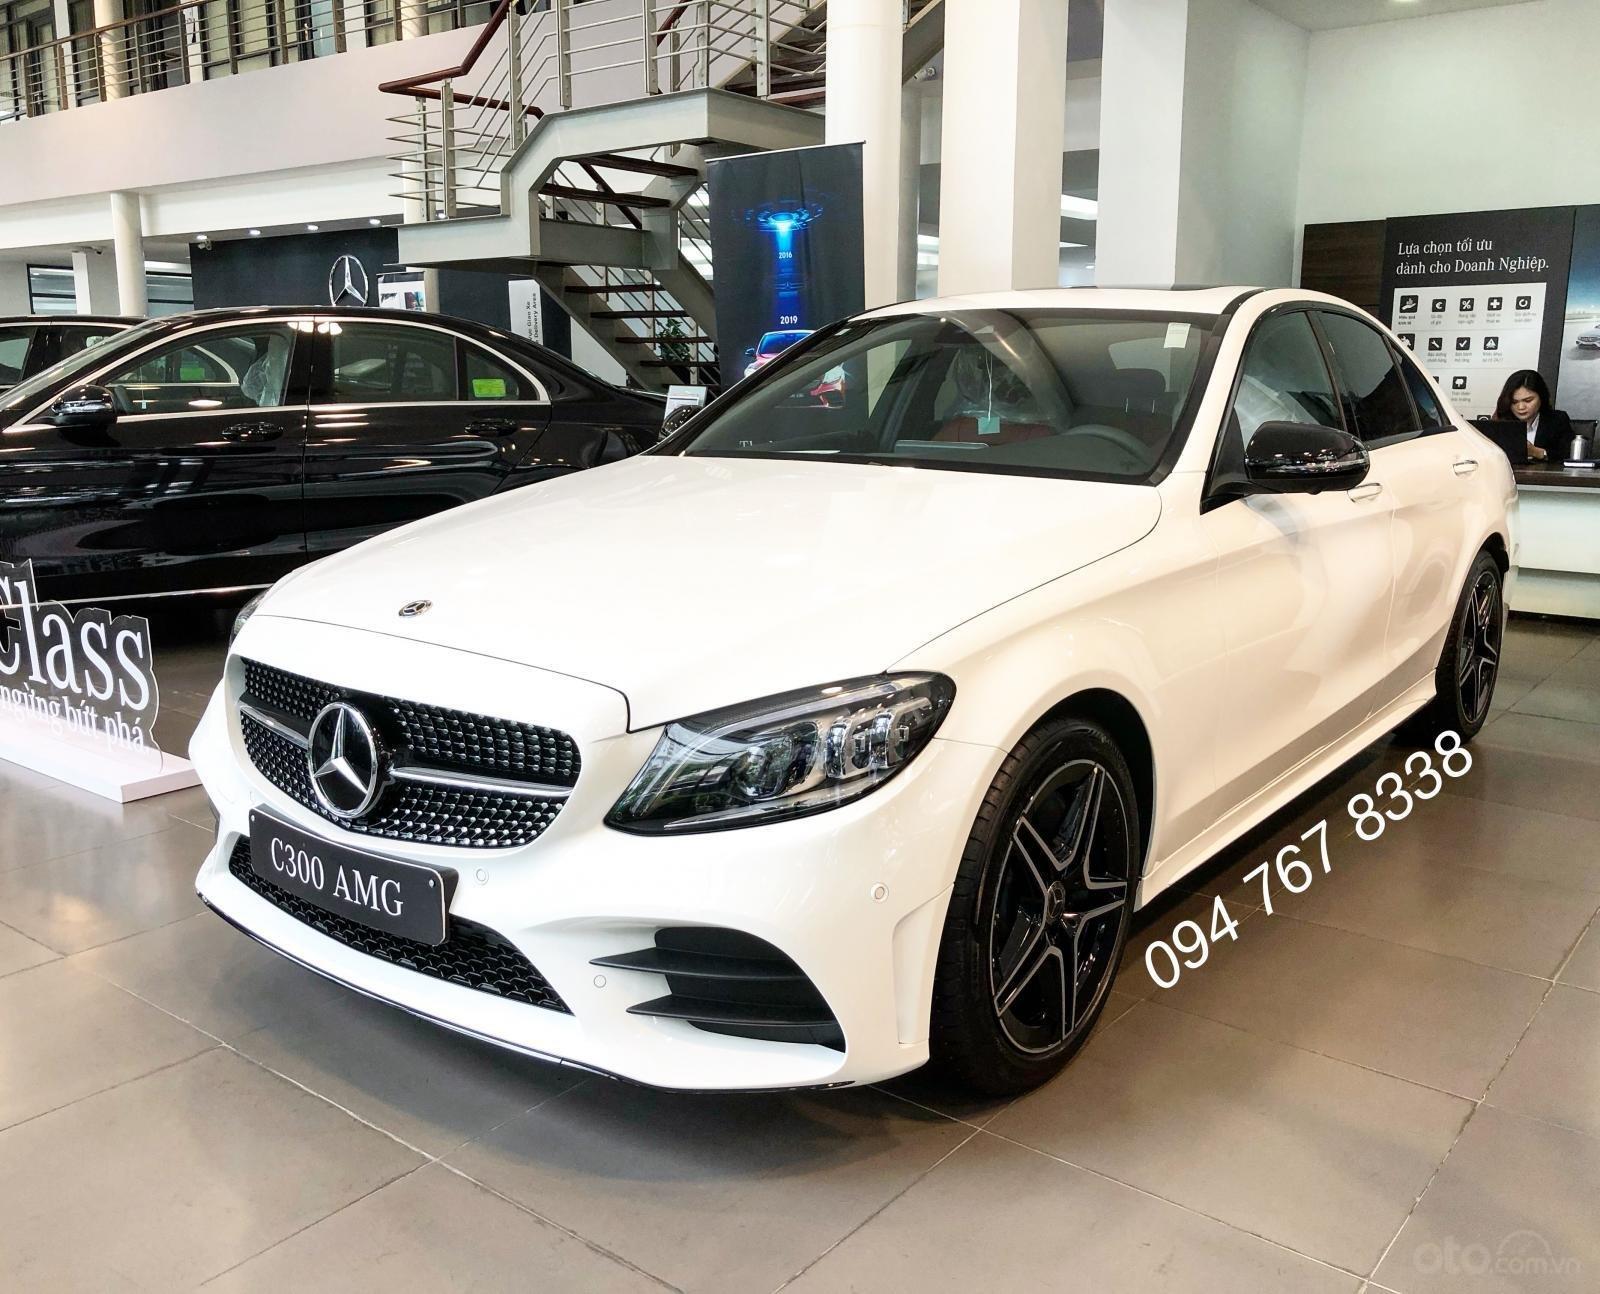 Bán Mercedes C300 AMG 2019. Giao ngay giá ưu đãi lớn nhất, mua xe chỉ với 399tr (1)